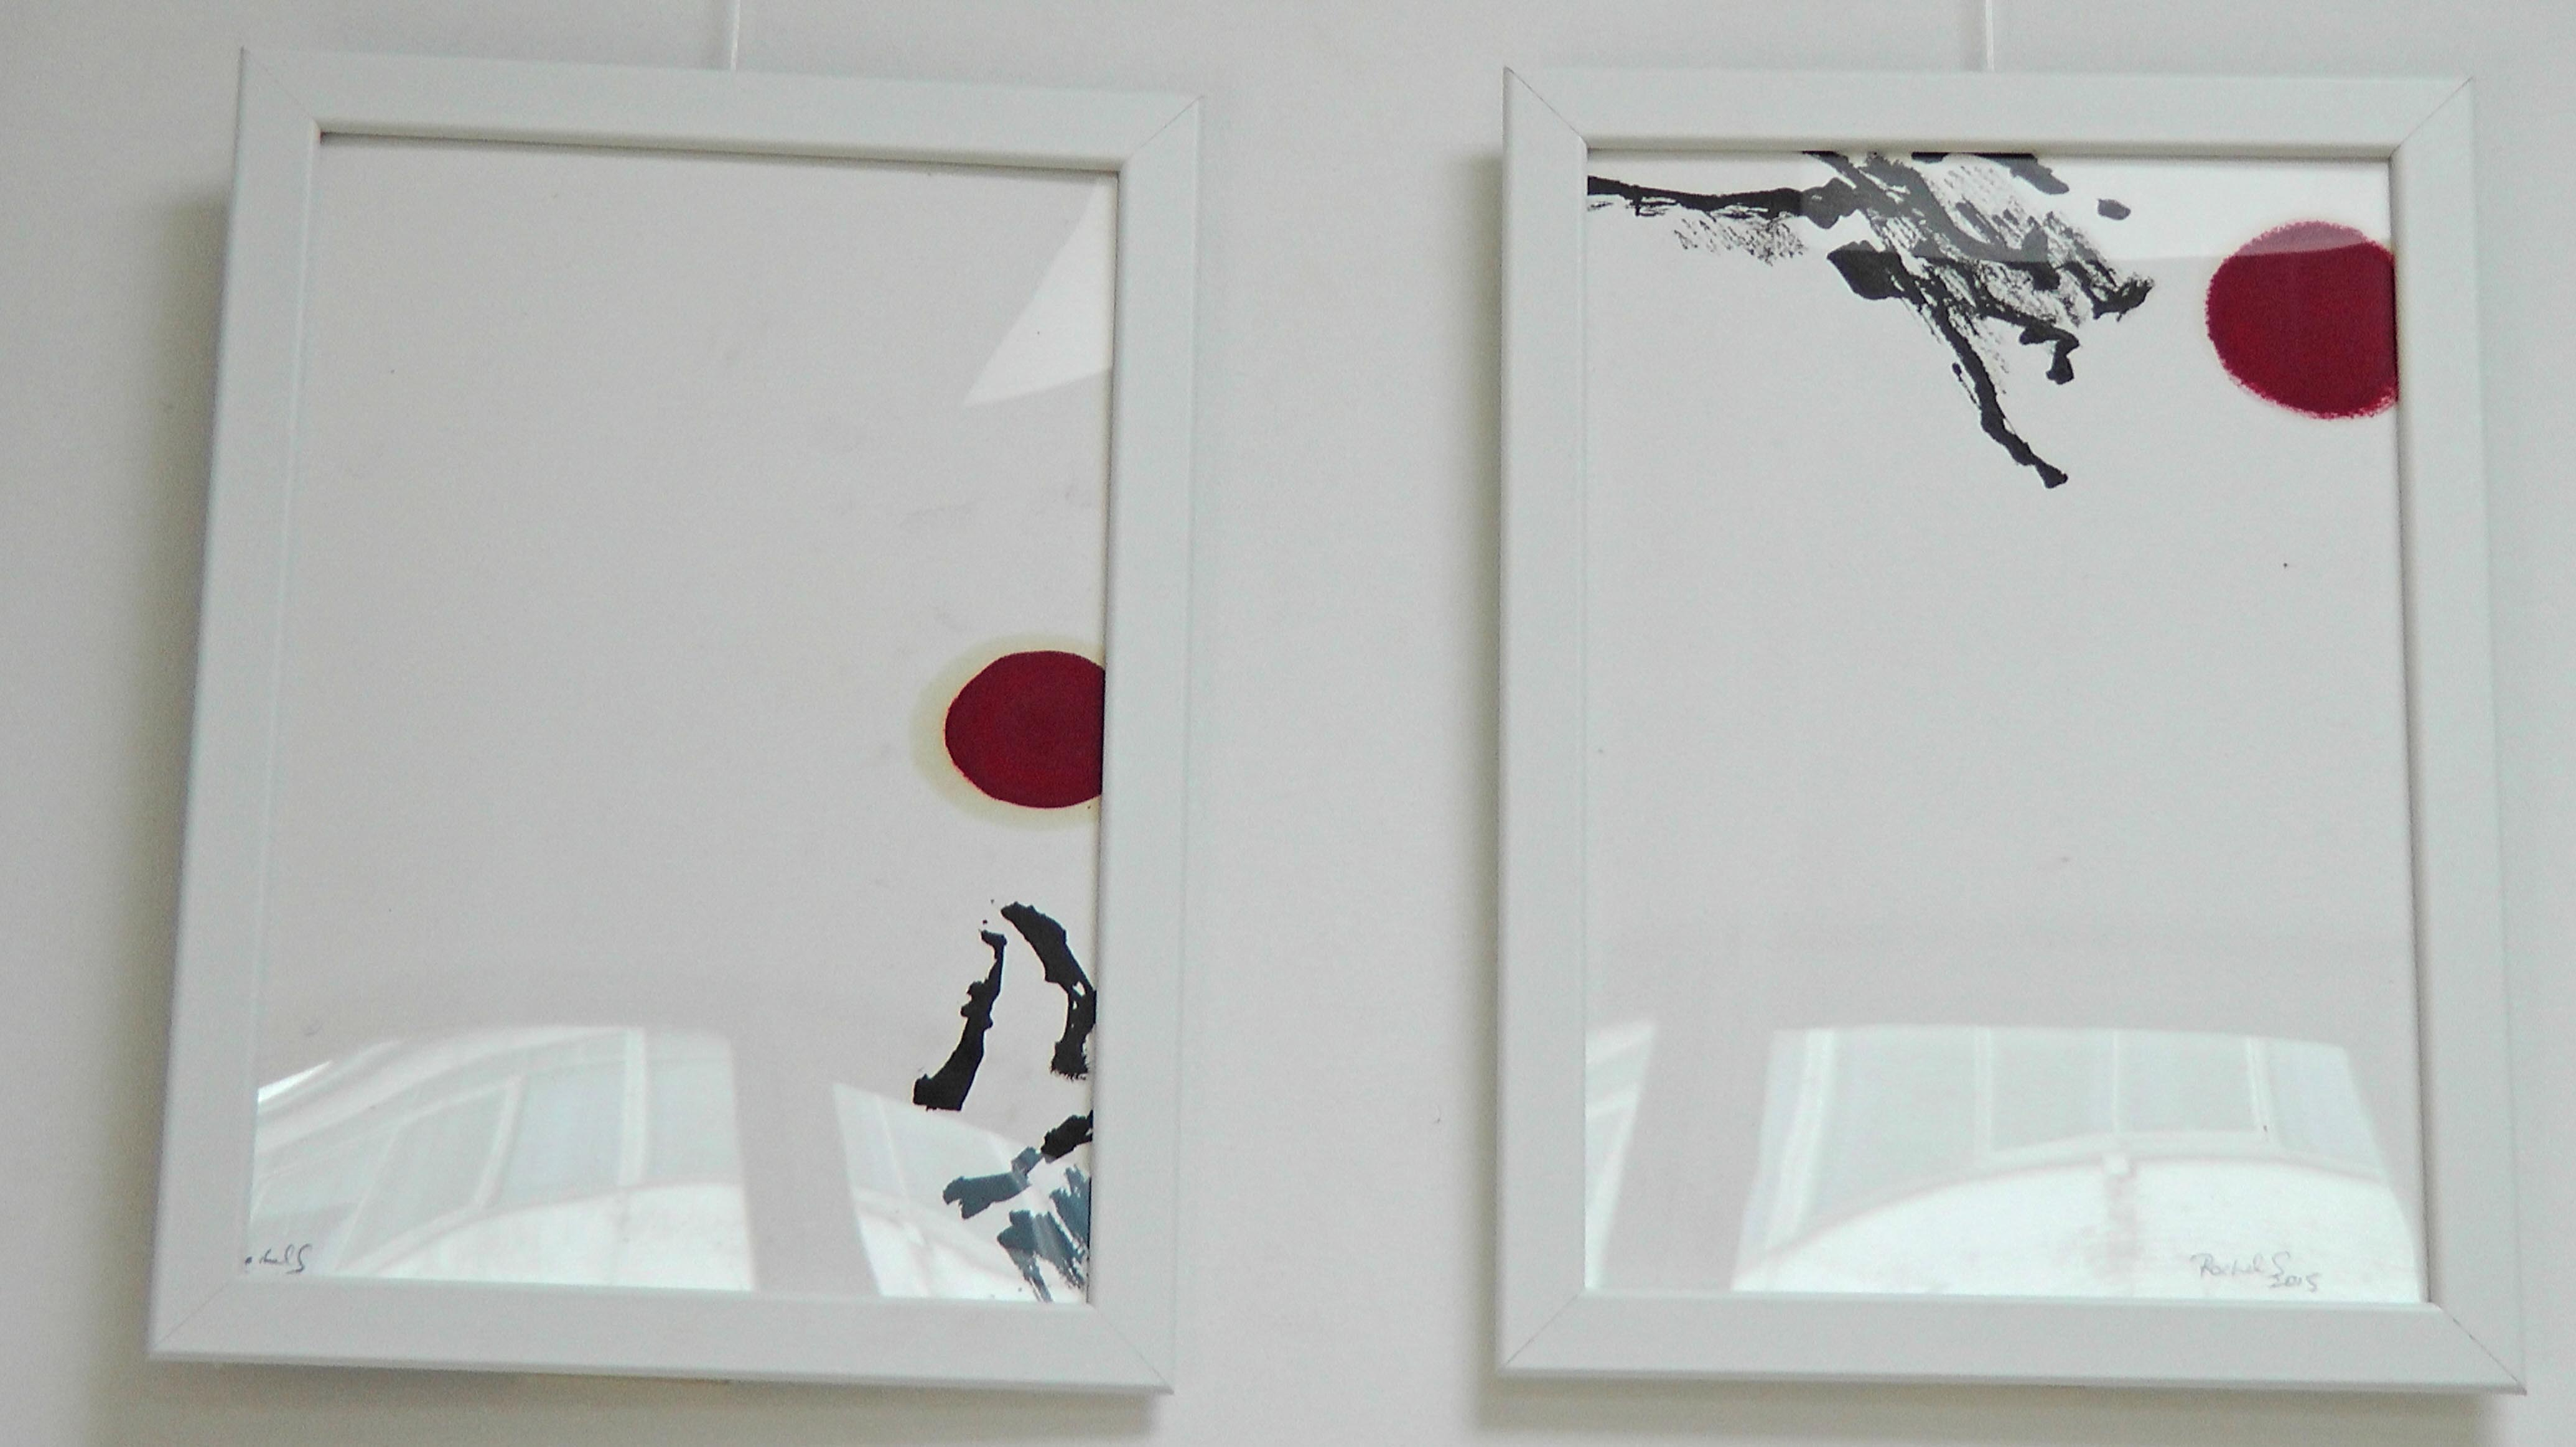 Rachel Silski, Rachel Silski, Études préparatoires pour la série Très Doucement, illustrant le recueil de poésie éponyme de Jacques Sojcher, vagabondssanstreves.com